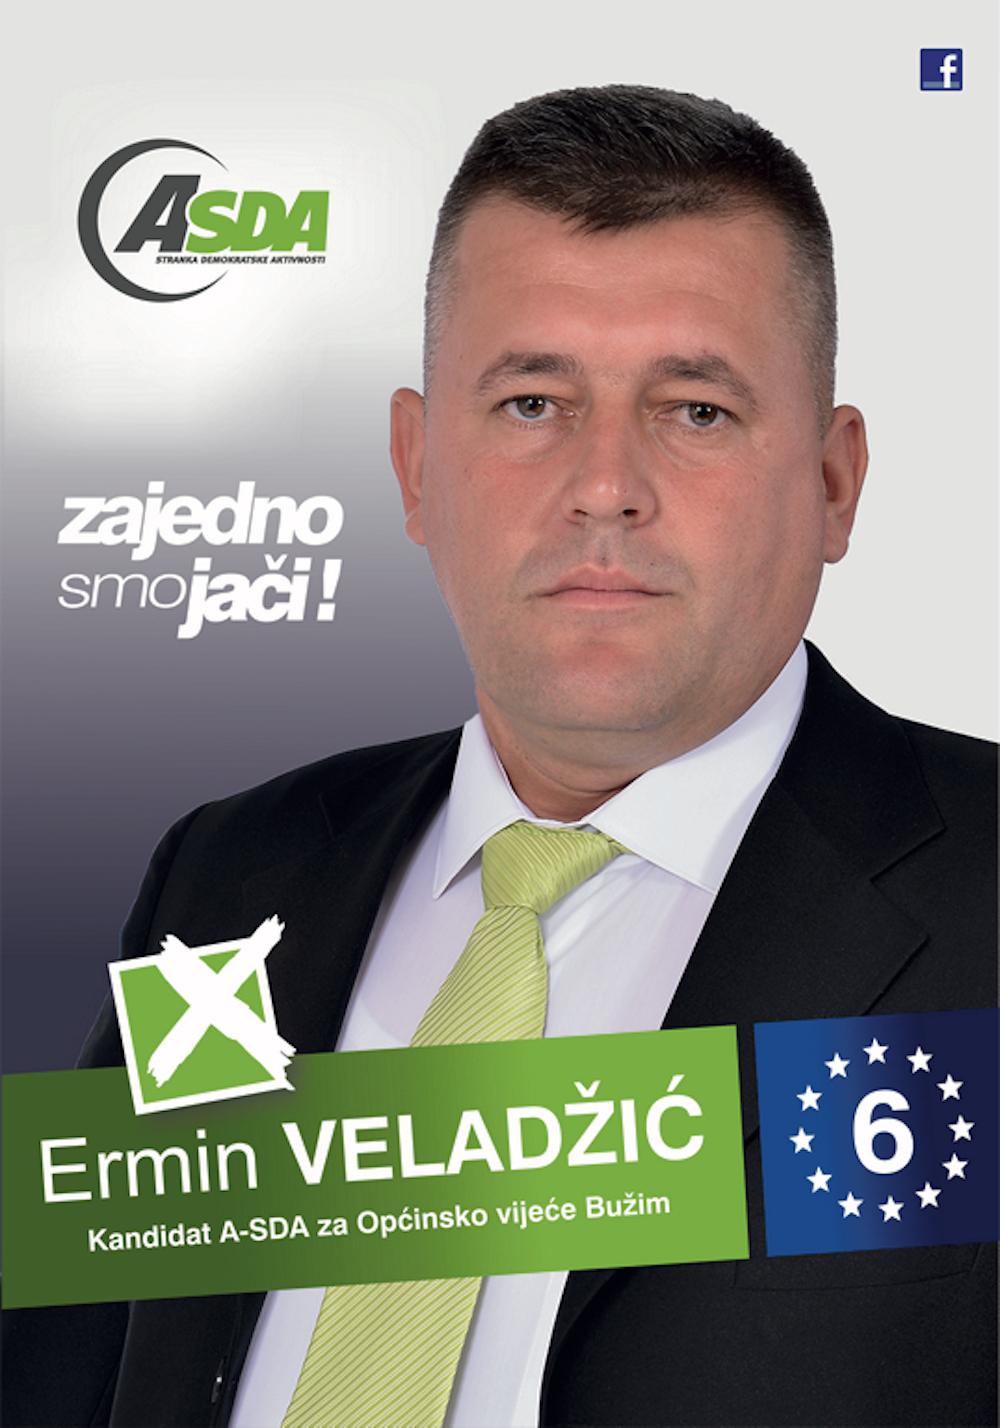 Ermin Veladžić